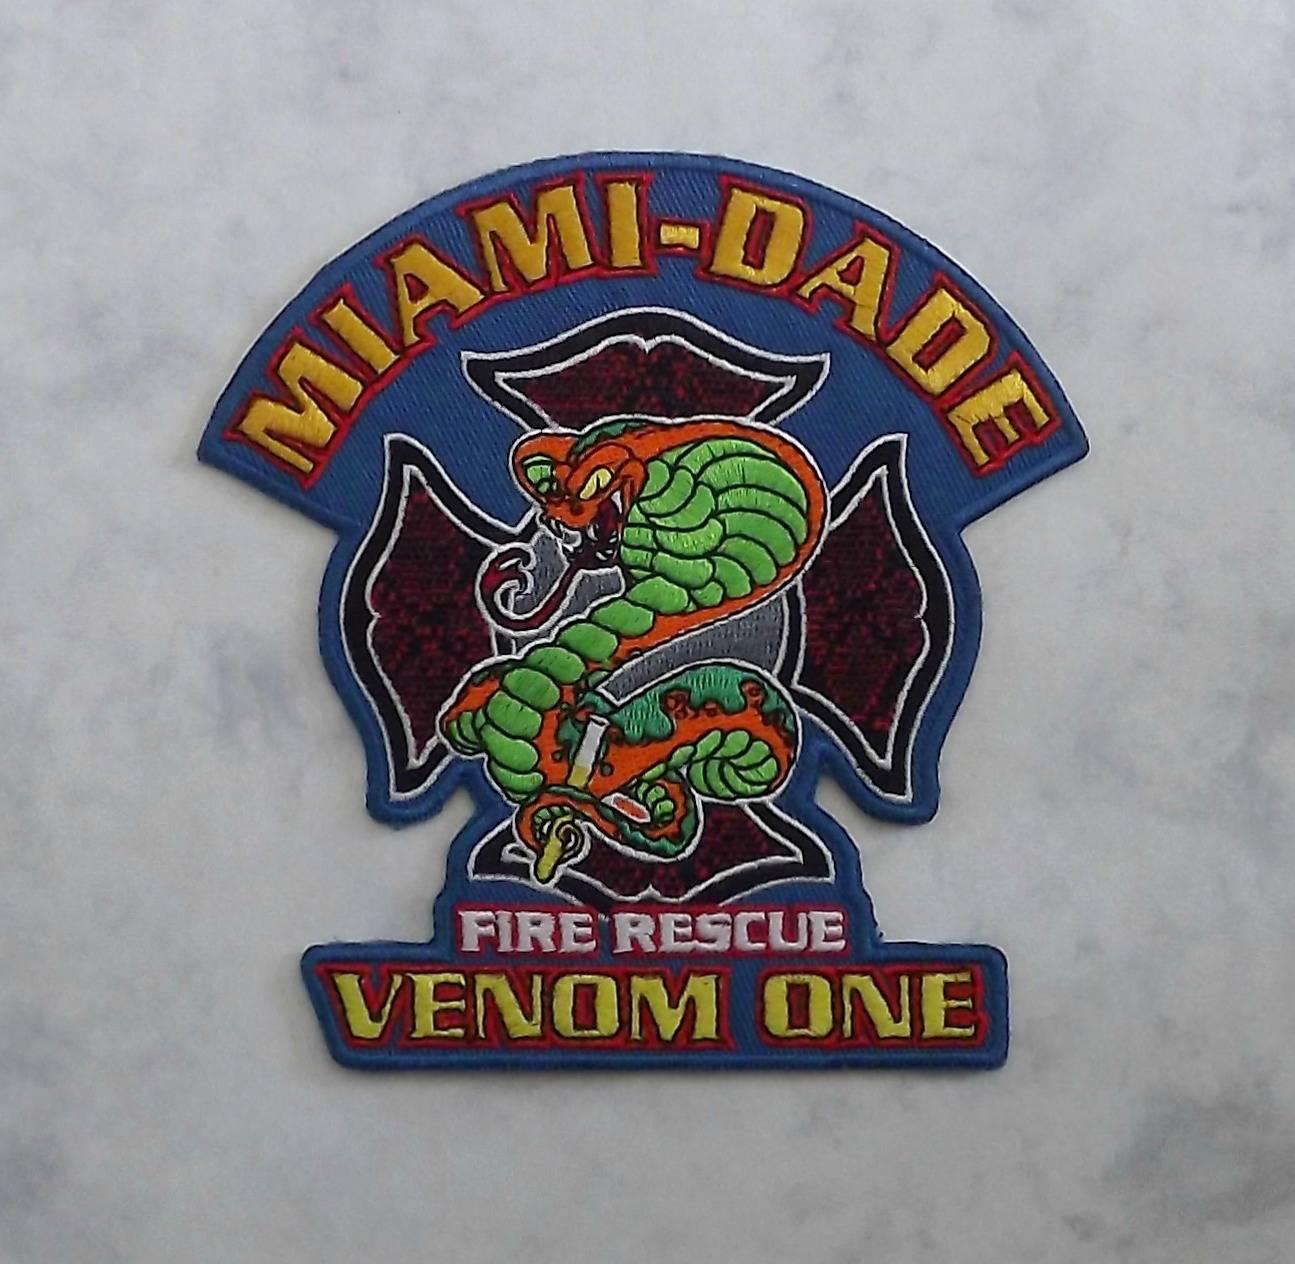 Miami-Dade Fire Rescue, Venom One